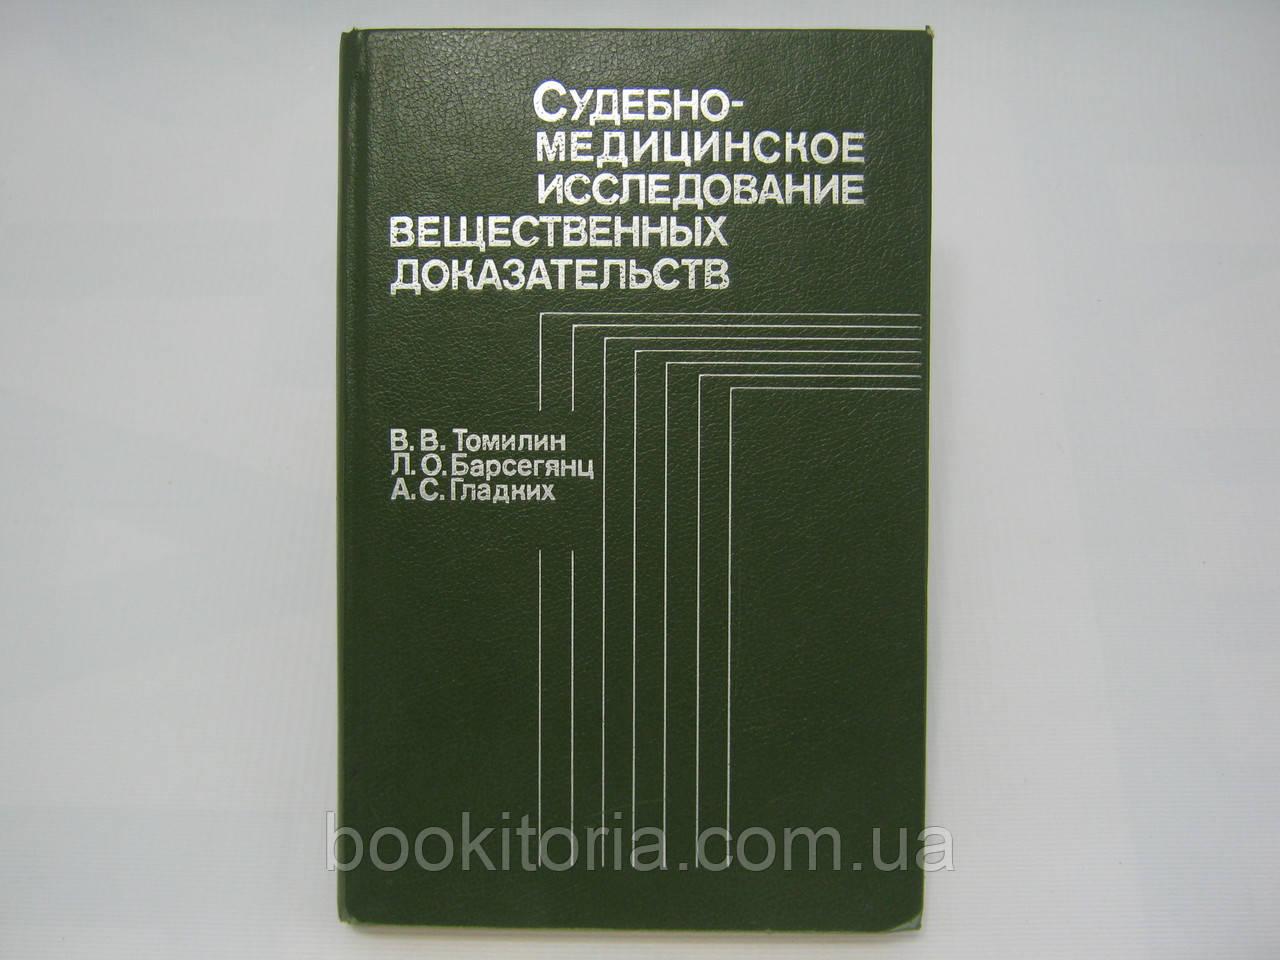 Томилин В.В. и др. Судебно-медицинское исследование вещественных доказательств (б/у).